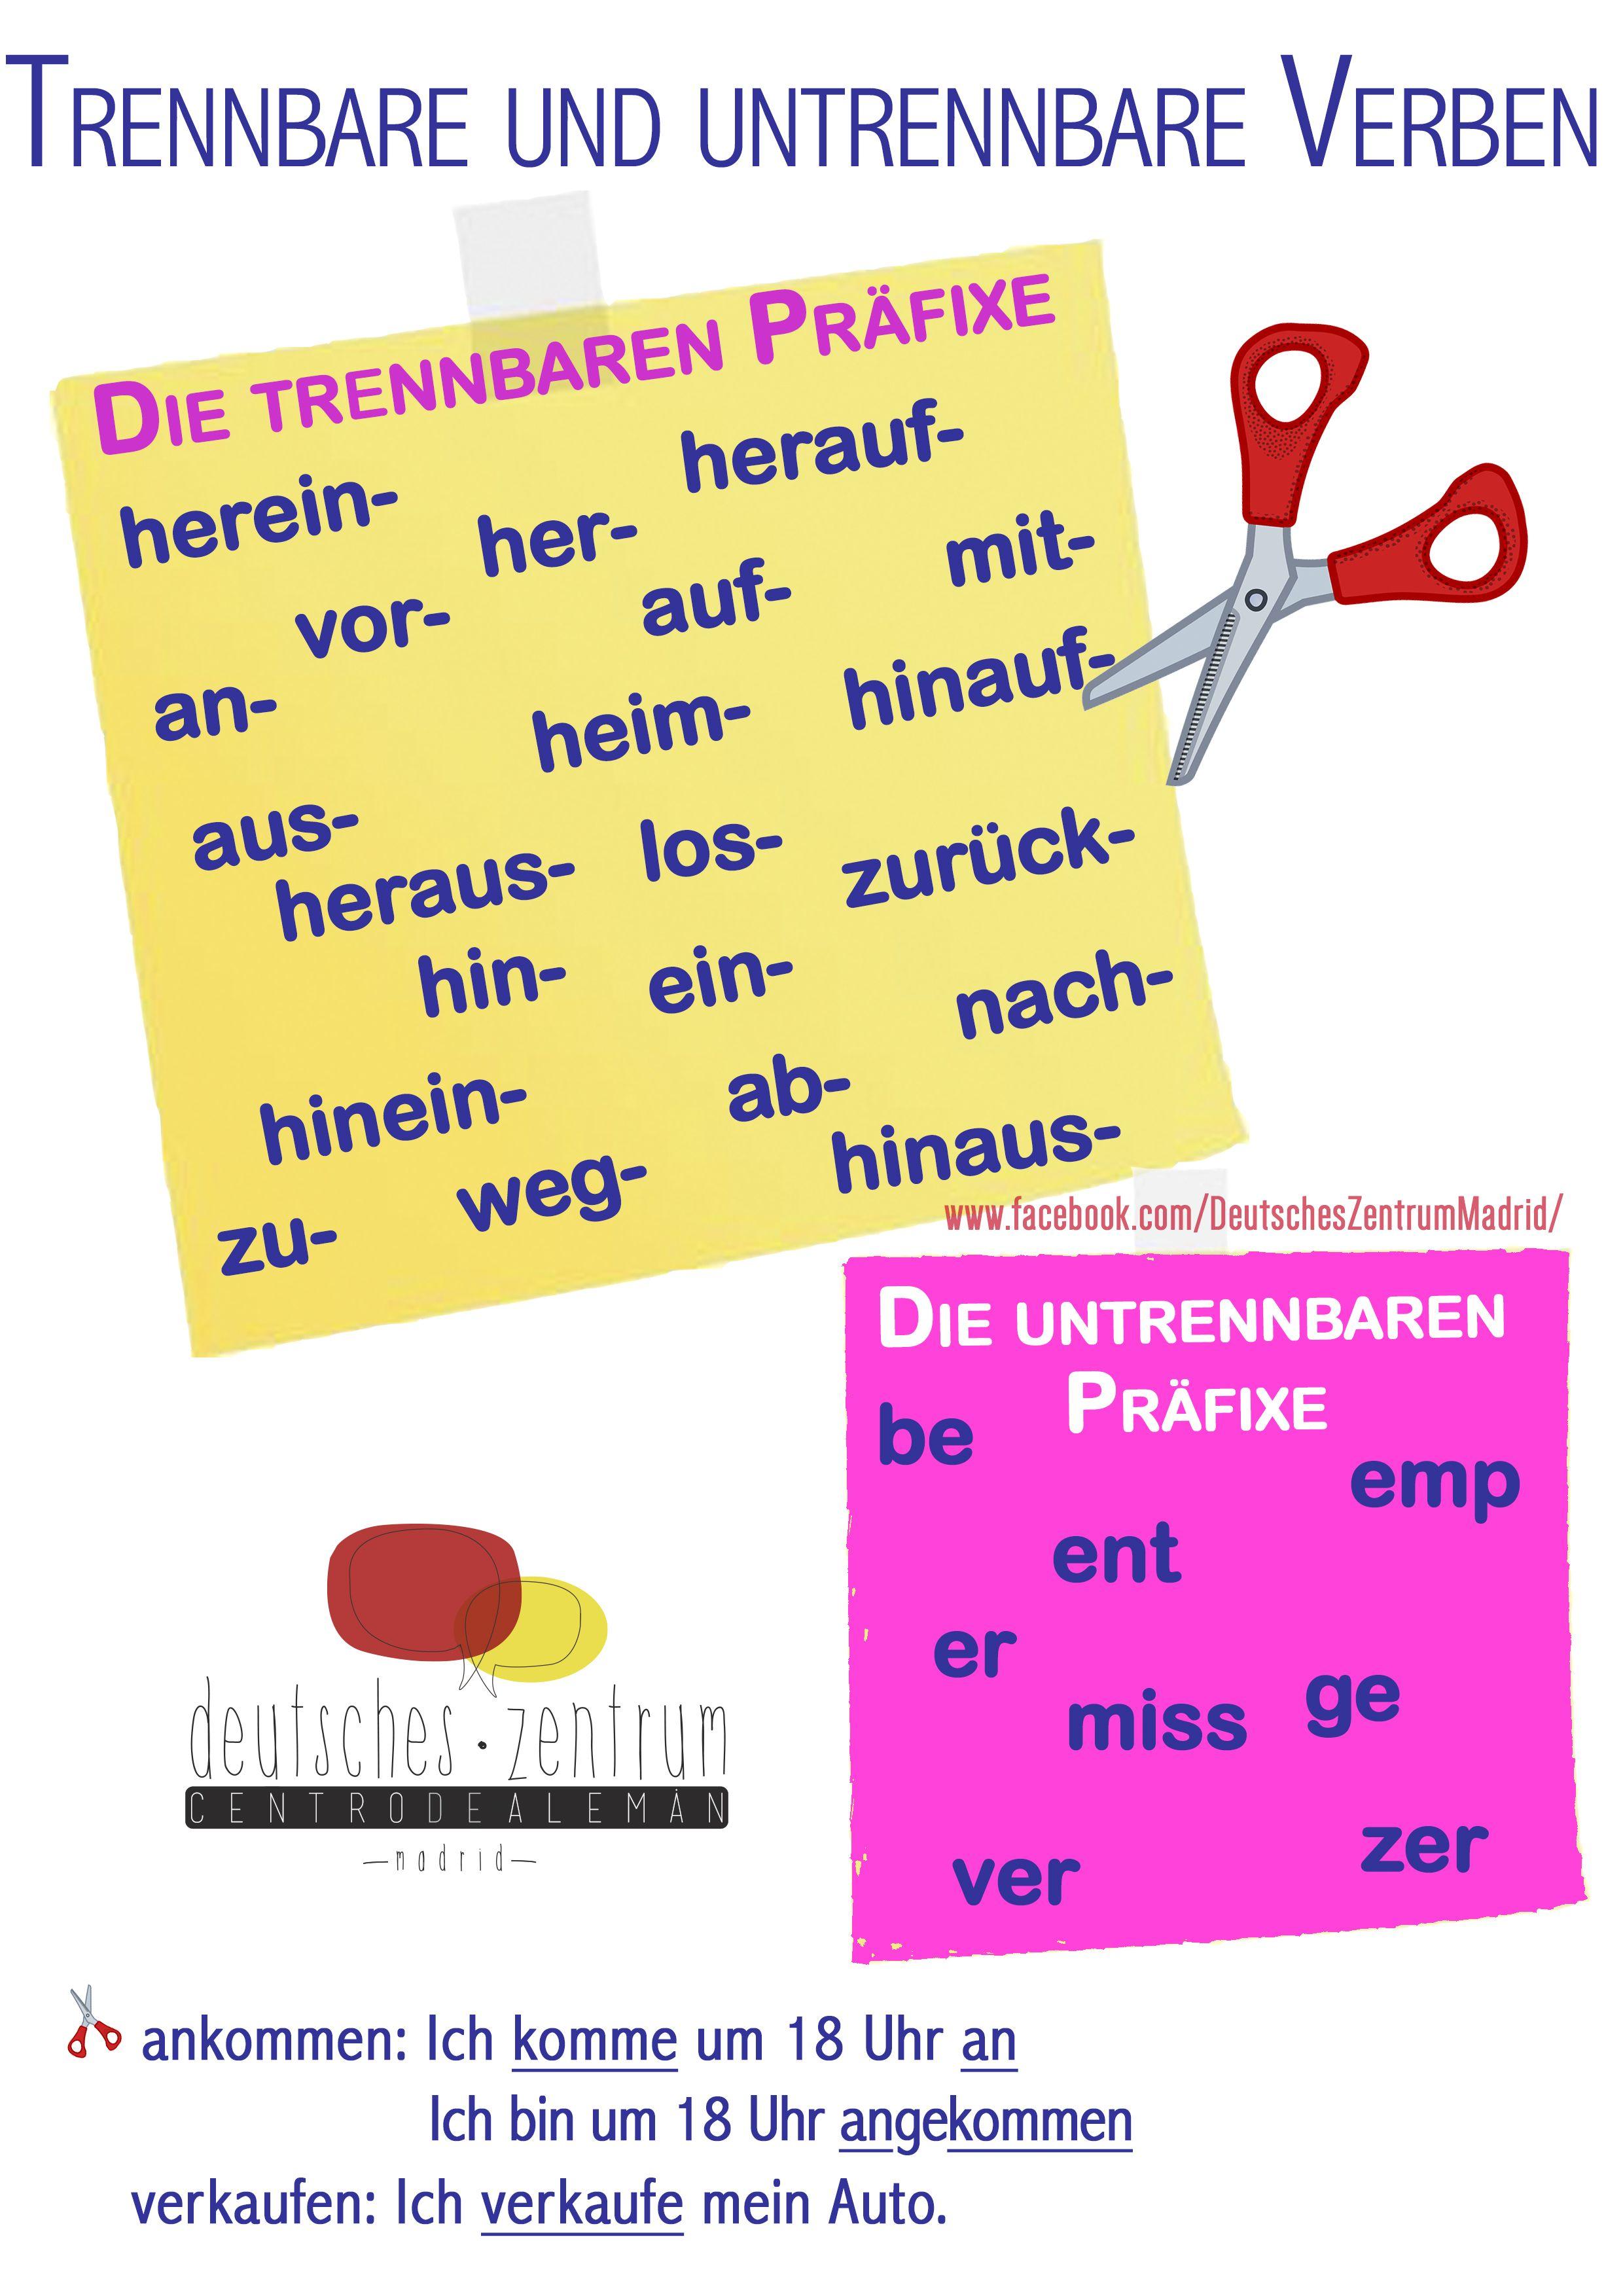 Trennbare Verben DAF Deutsch Wortschatz Grammatik German Alemán ...